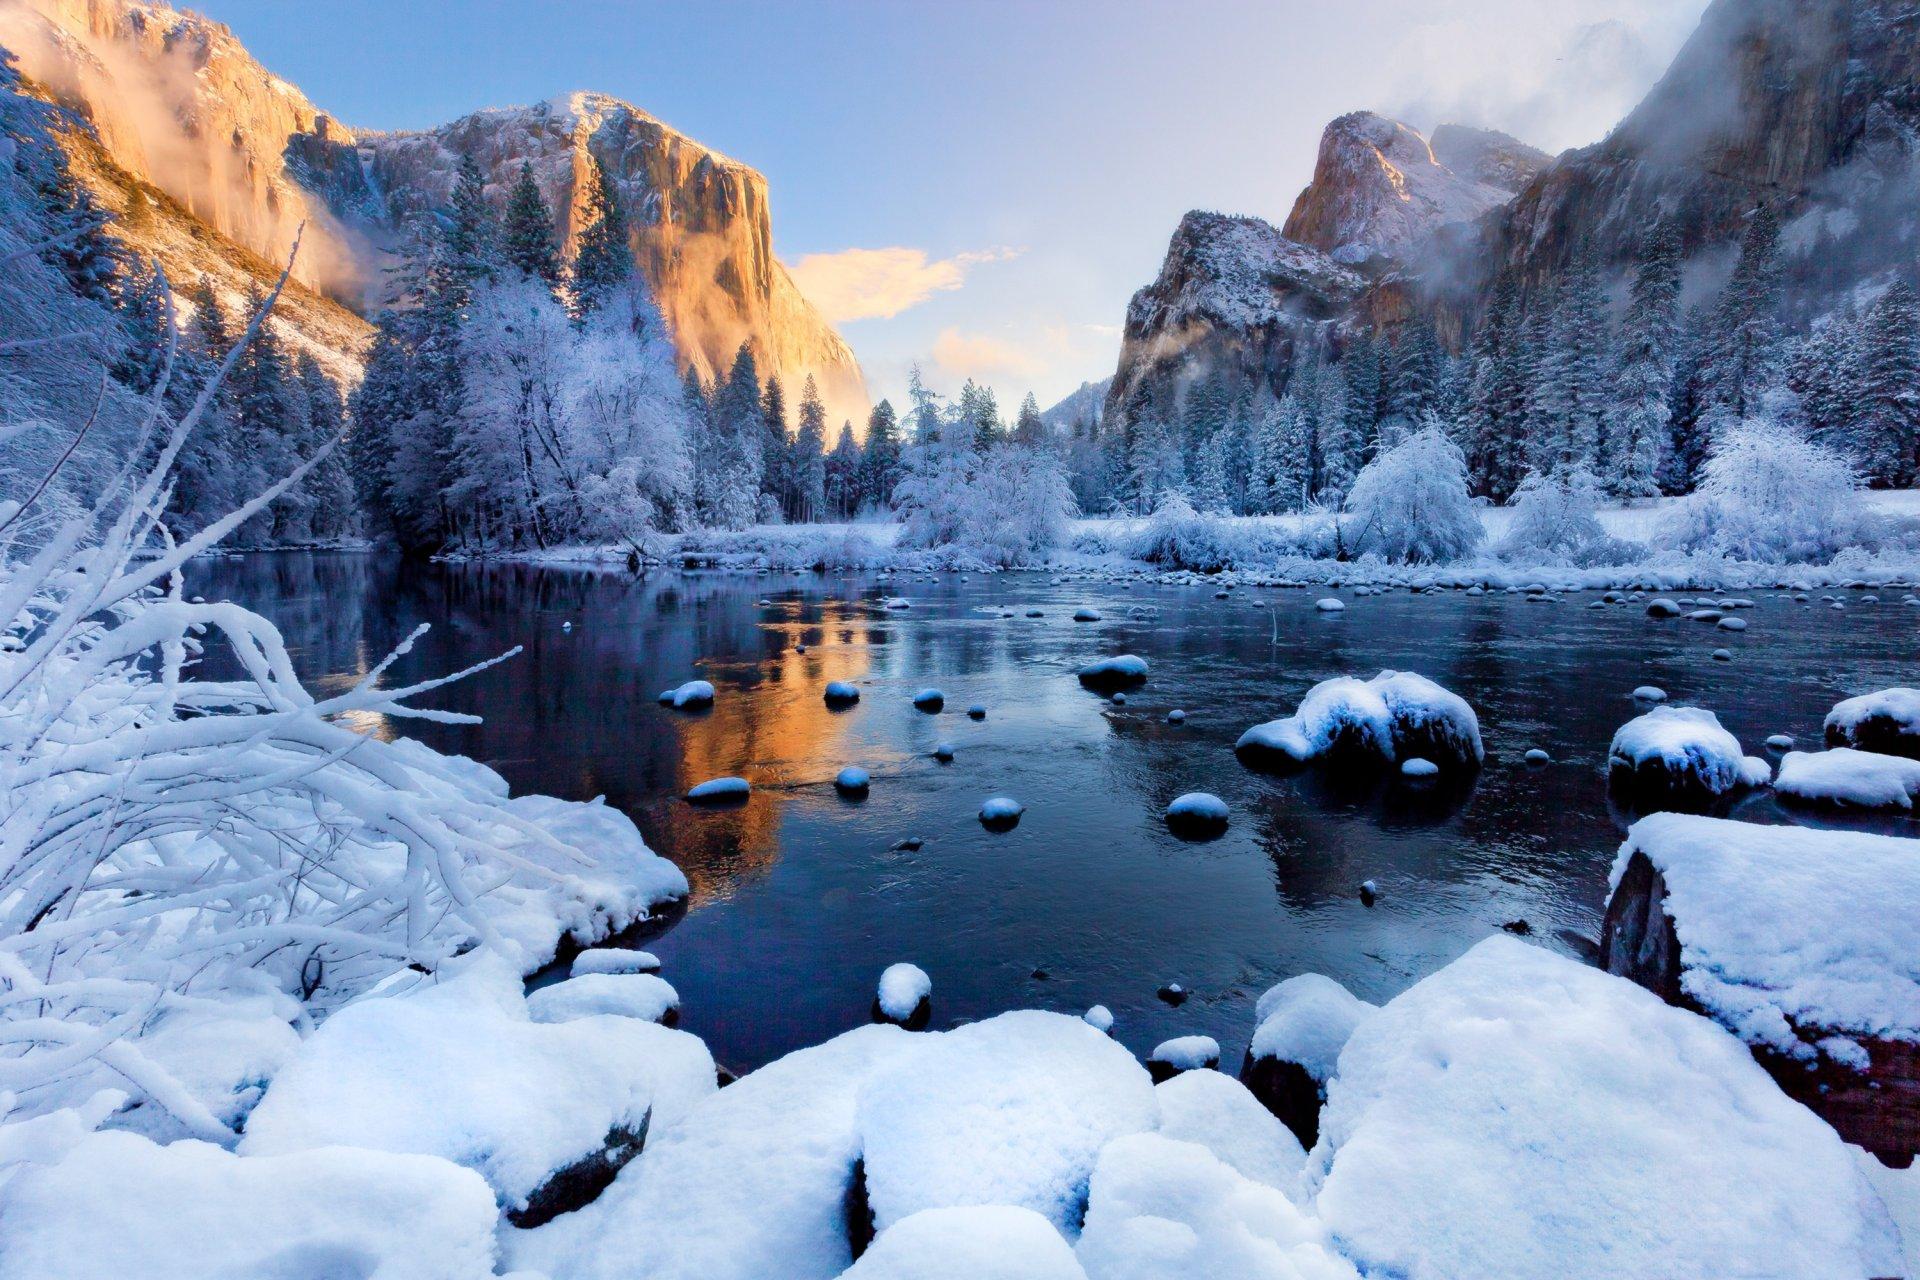 это фотообои на комп зима в горах самым